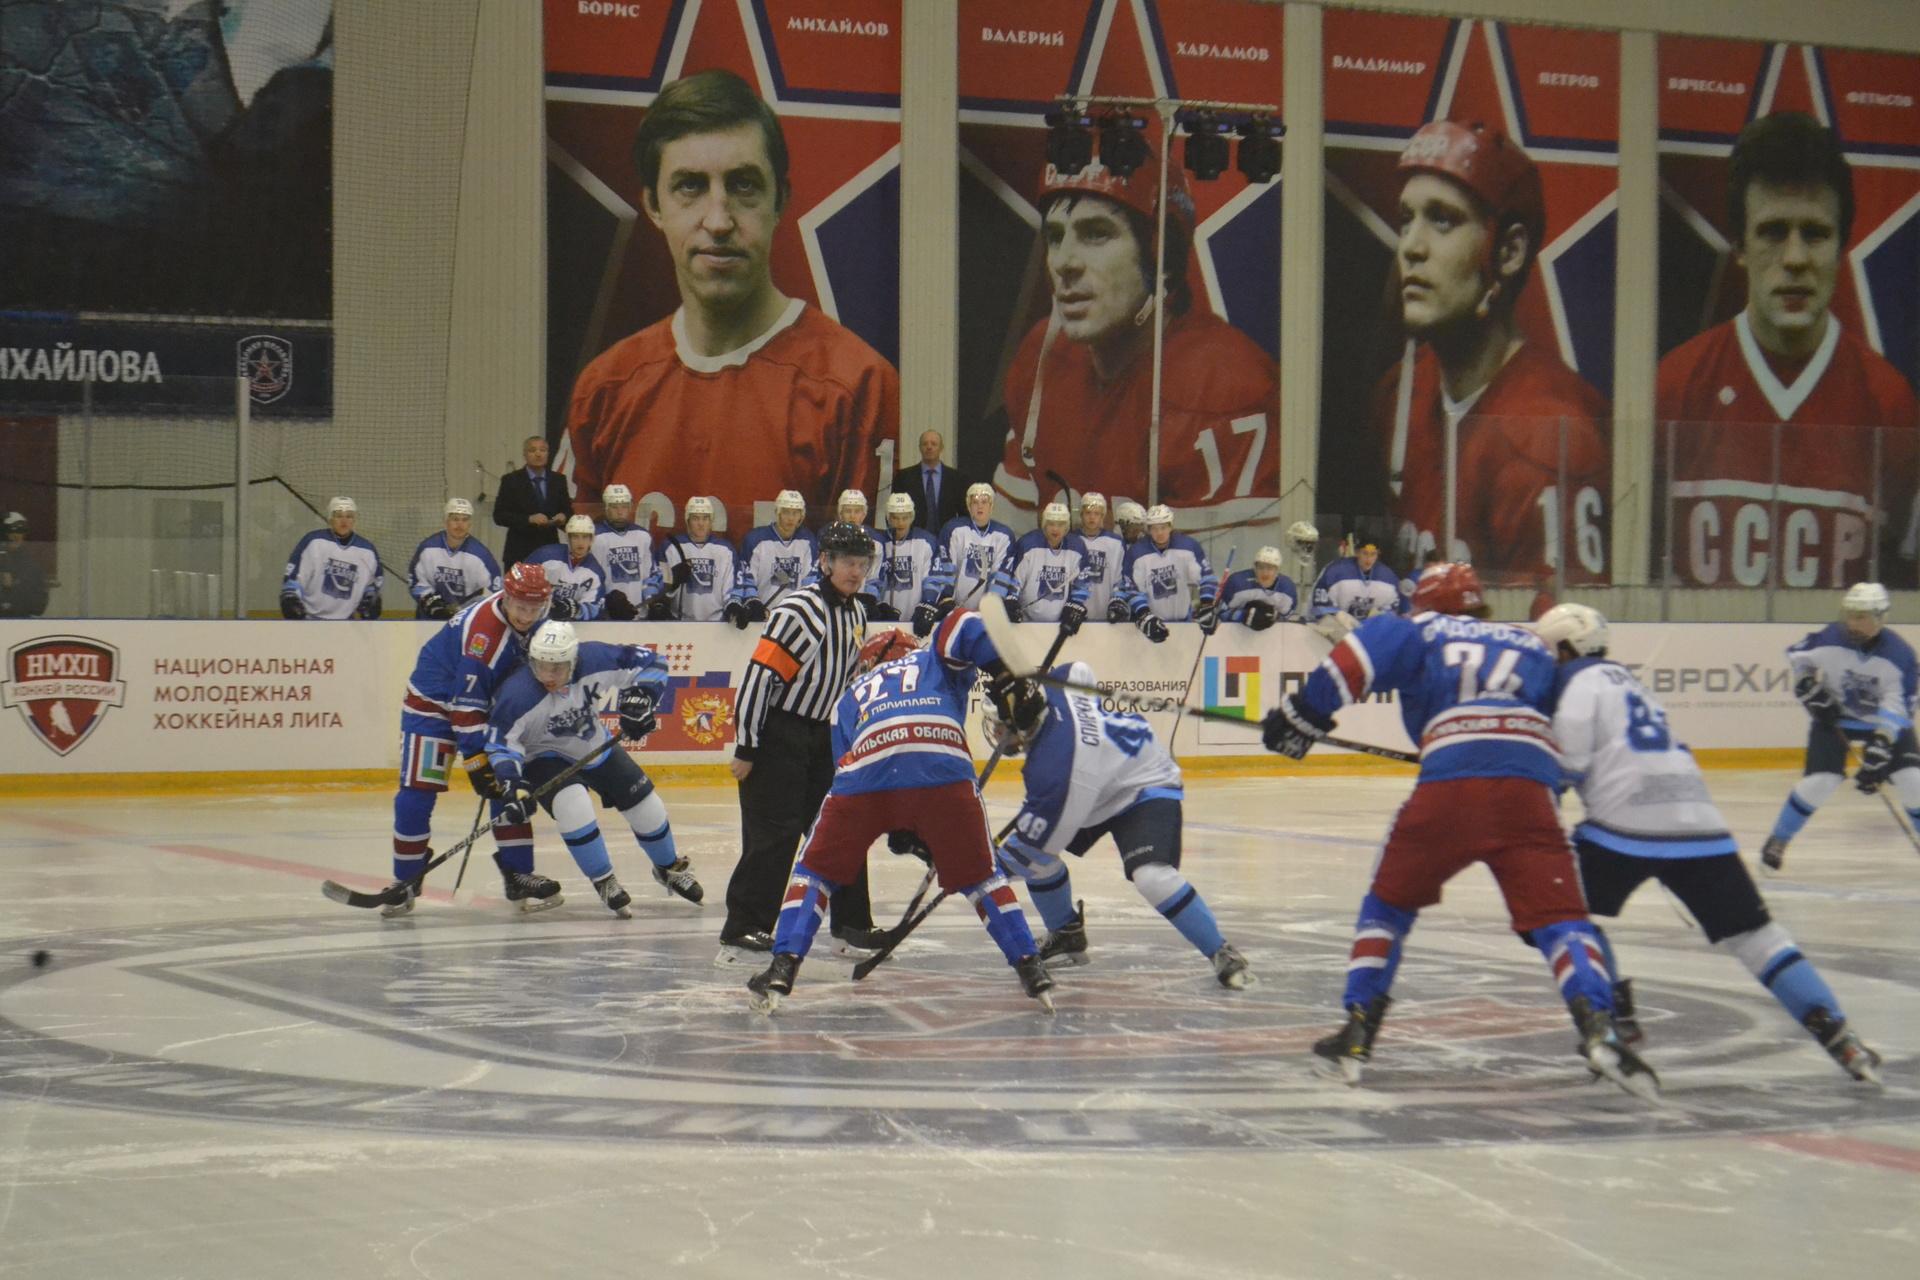 Новый хоккейный сезон начался с хороших результатов для новомосковской команды